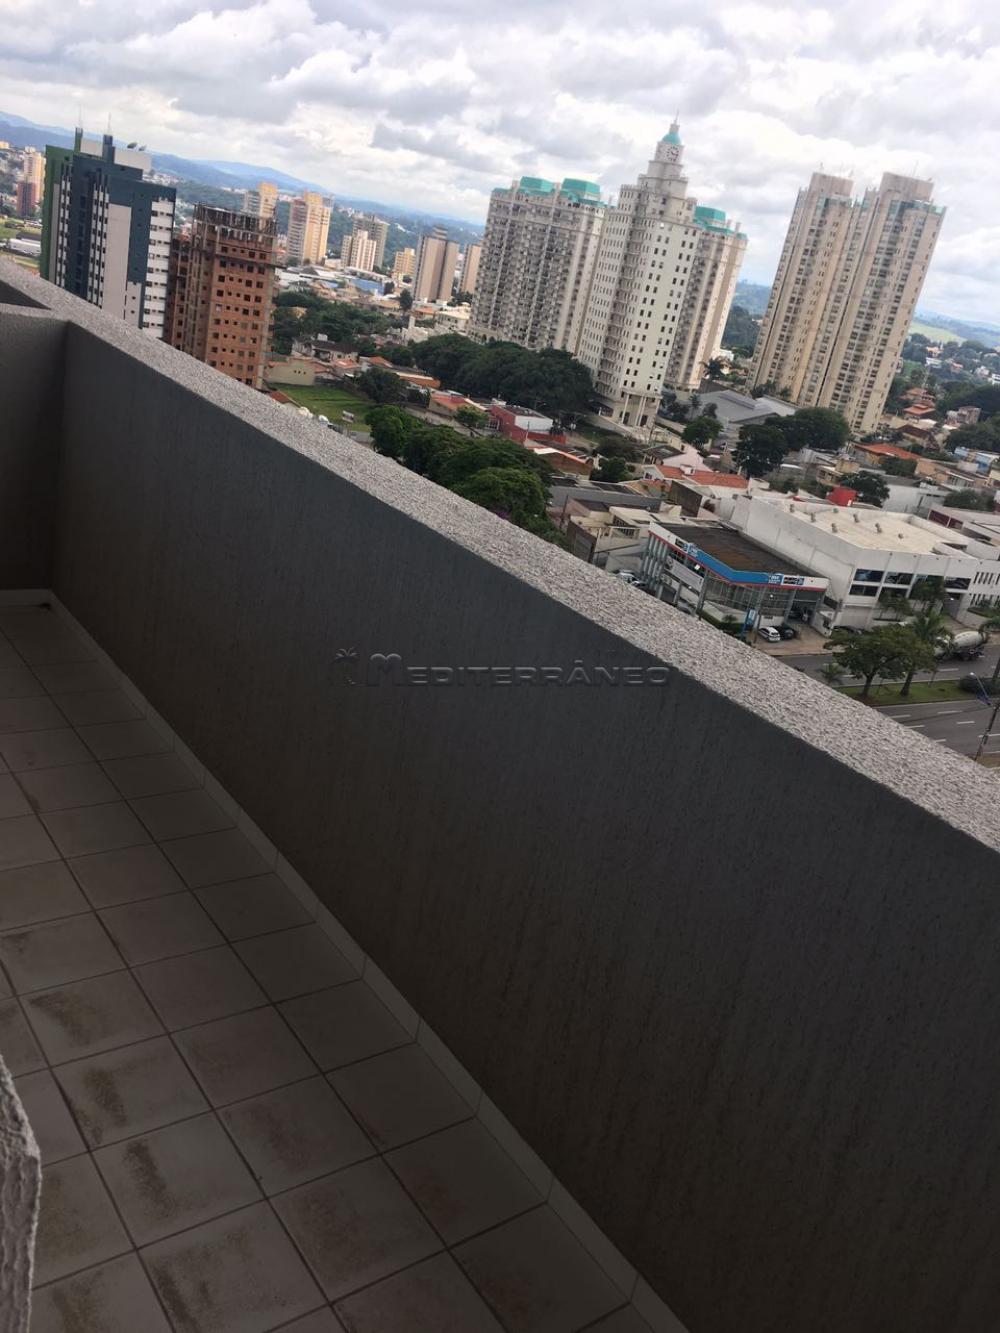 Alugar Comercial / Sala em Jundiaí apenas R$ 1.300,00 - Foto 6